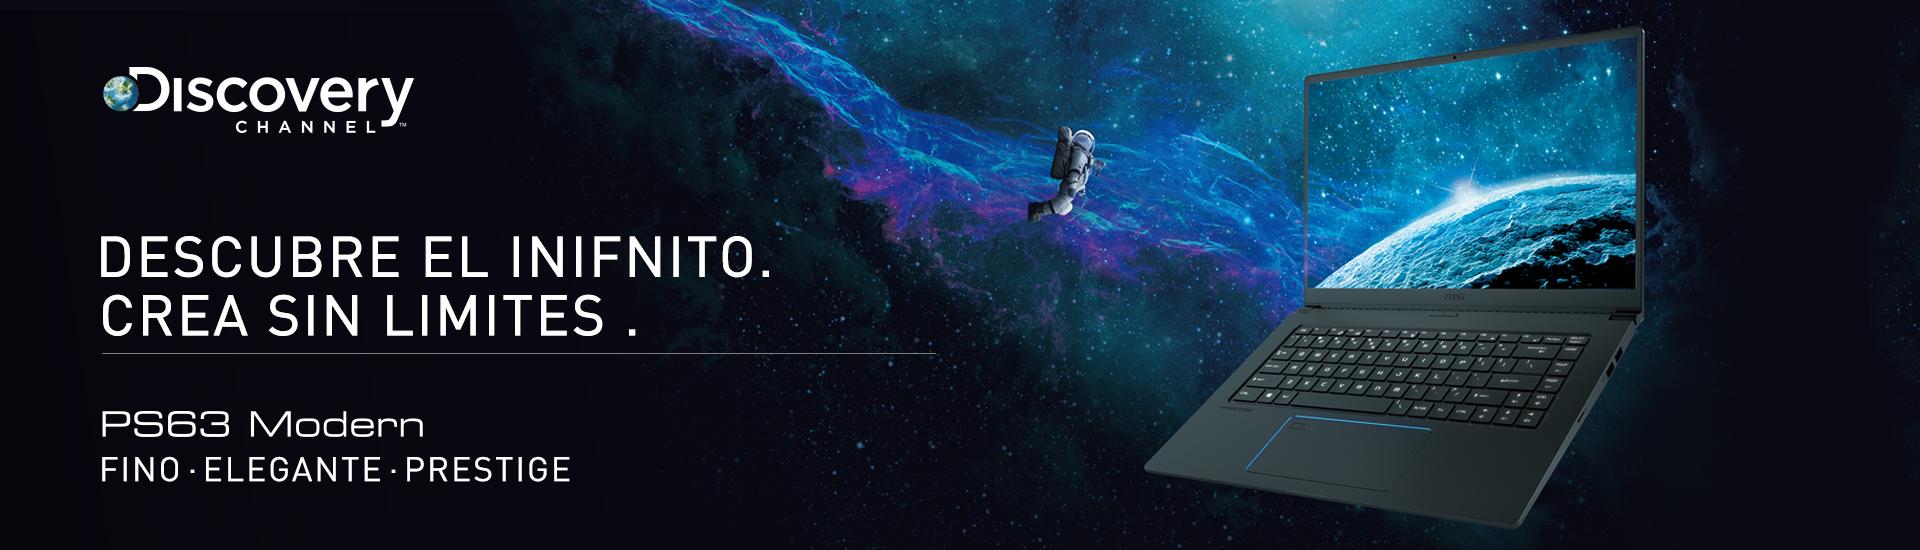 Descubre el infinito, crea sin límites